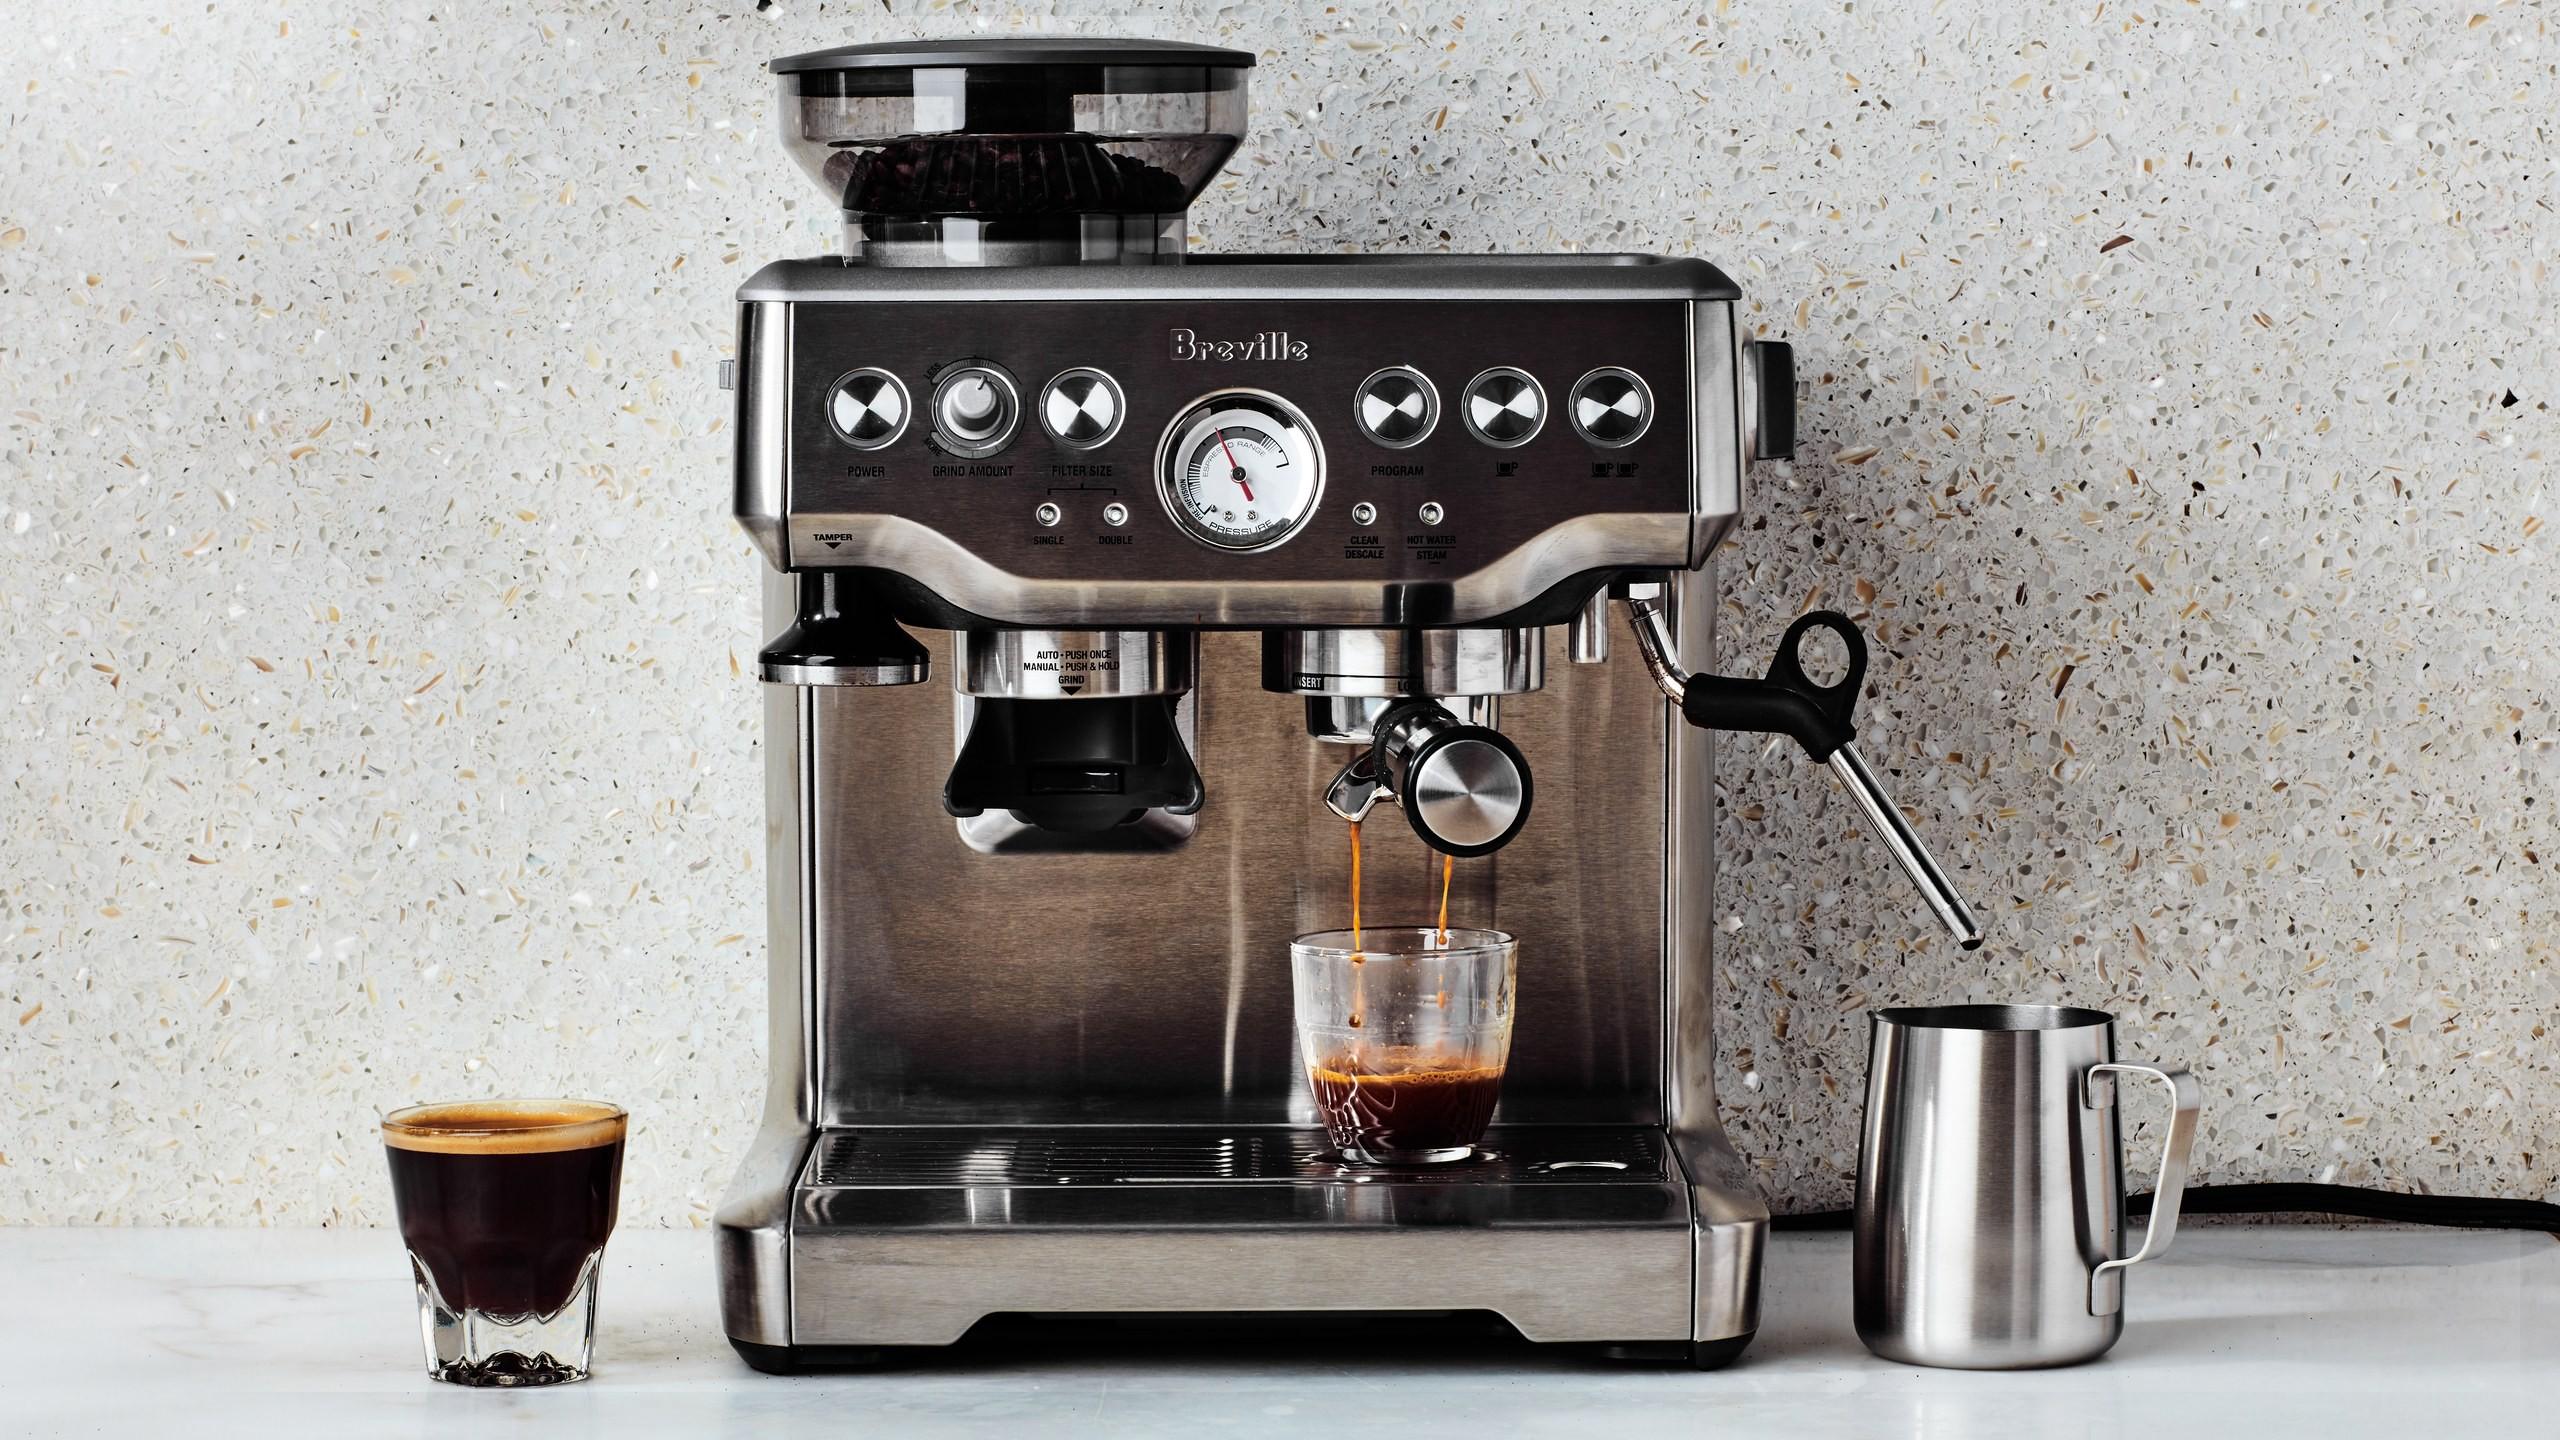 super automatic espresso